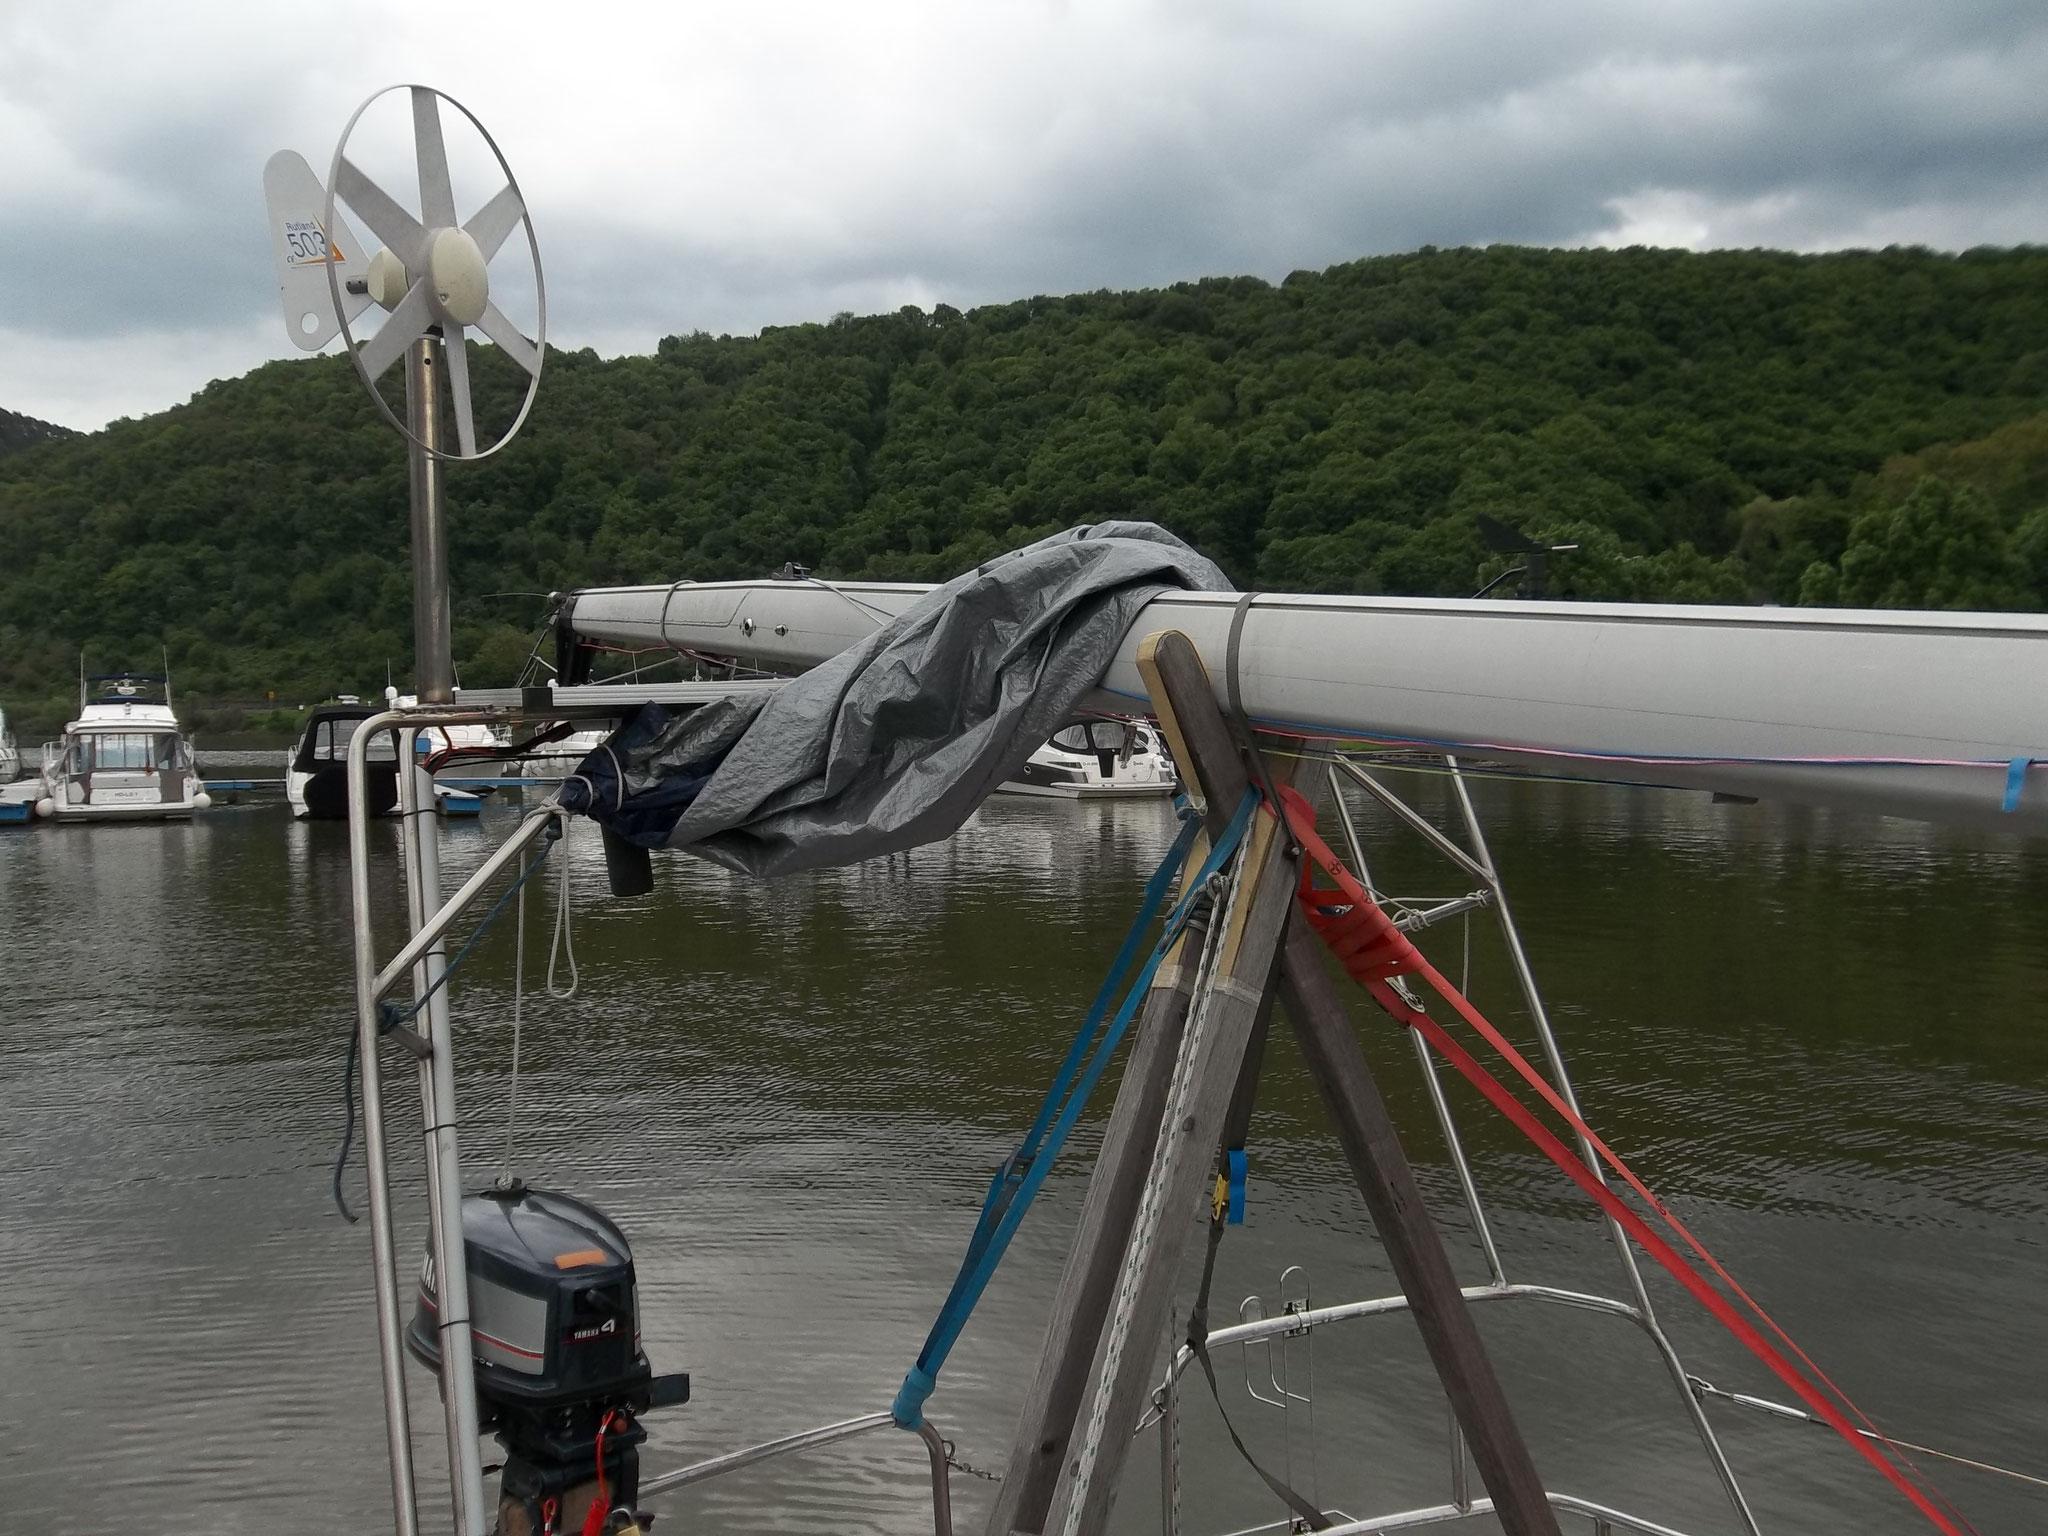 Fertig: Stromlieferant, GPS-Empfänger, Radioempfang, Windmesser, Hebel für den Aussenborder...Allzwecks